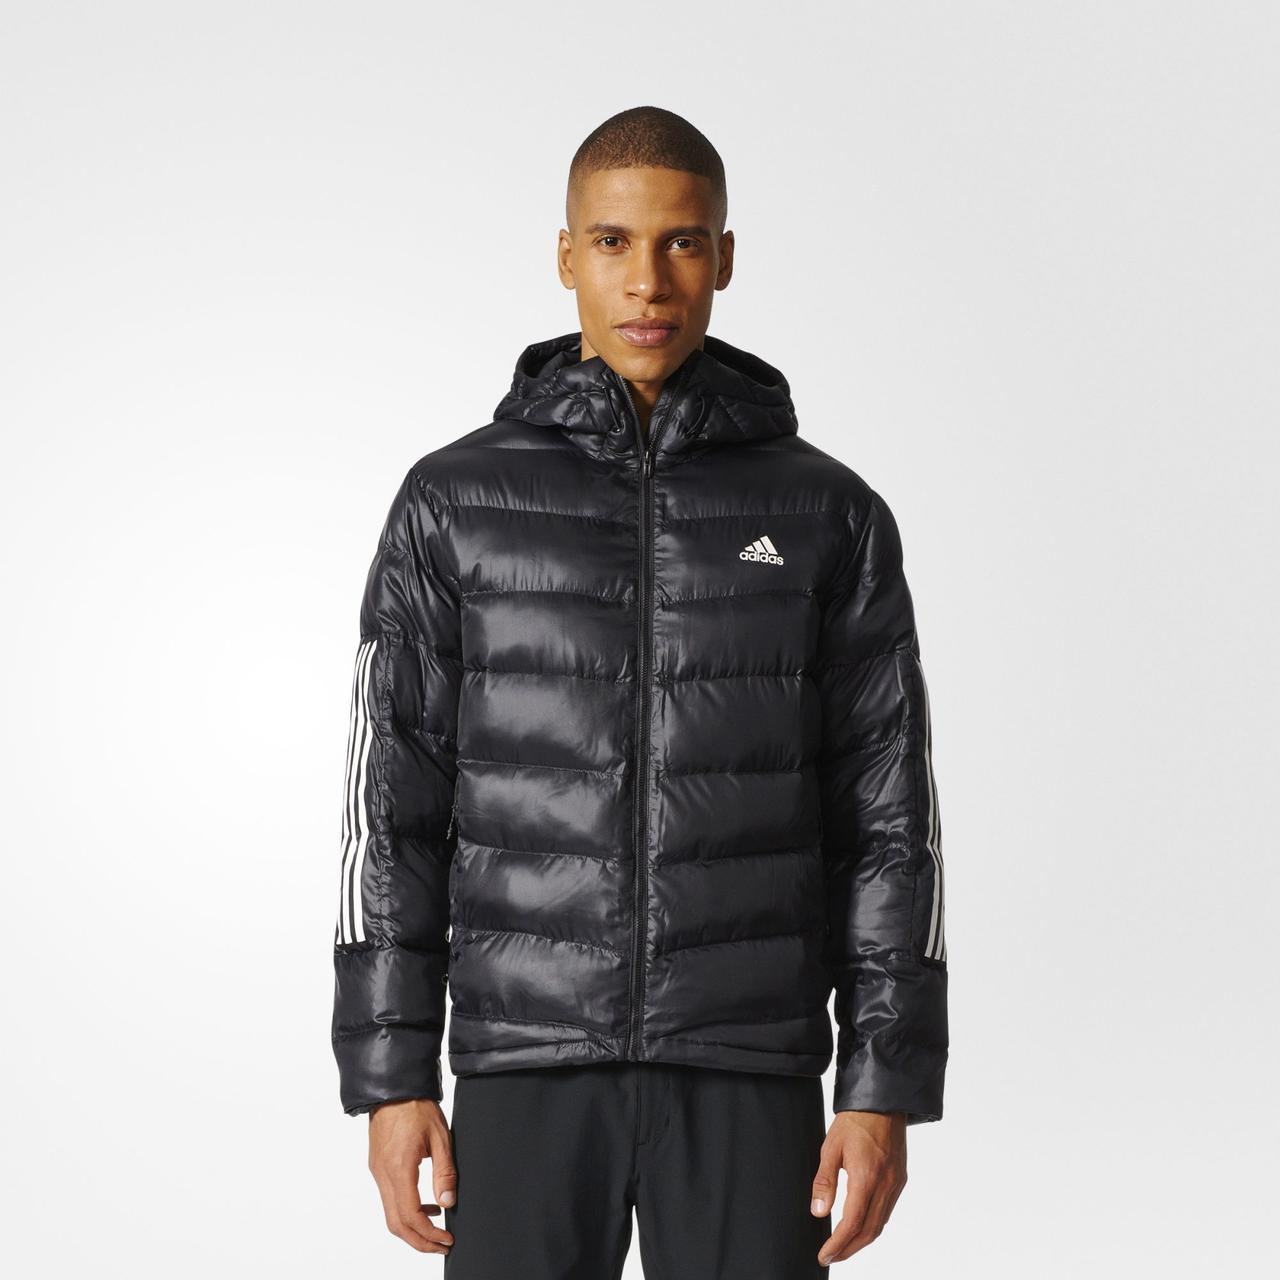 Мужская куртка Adidas Outdoor (Артикул  BQ6800) - Адидас официальный  интернет - магазин в c21273491d3